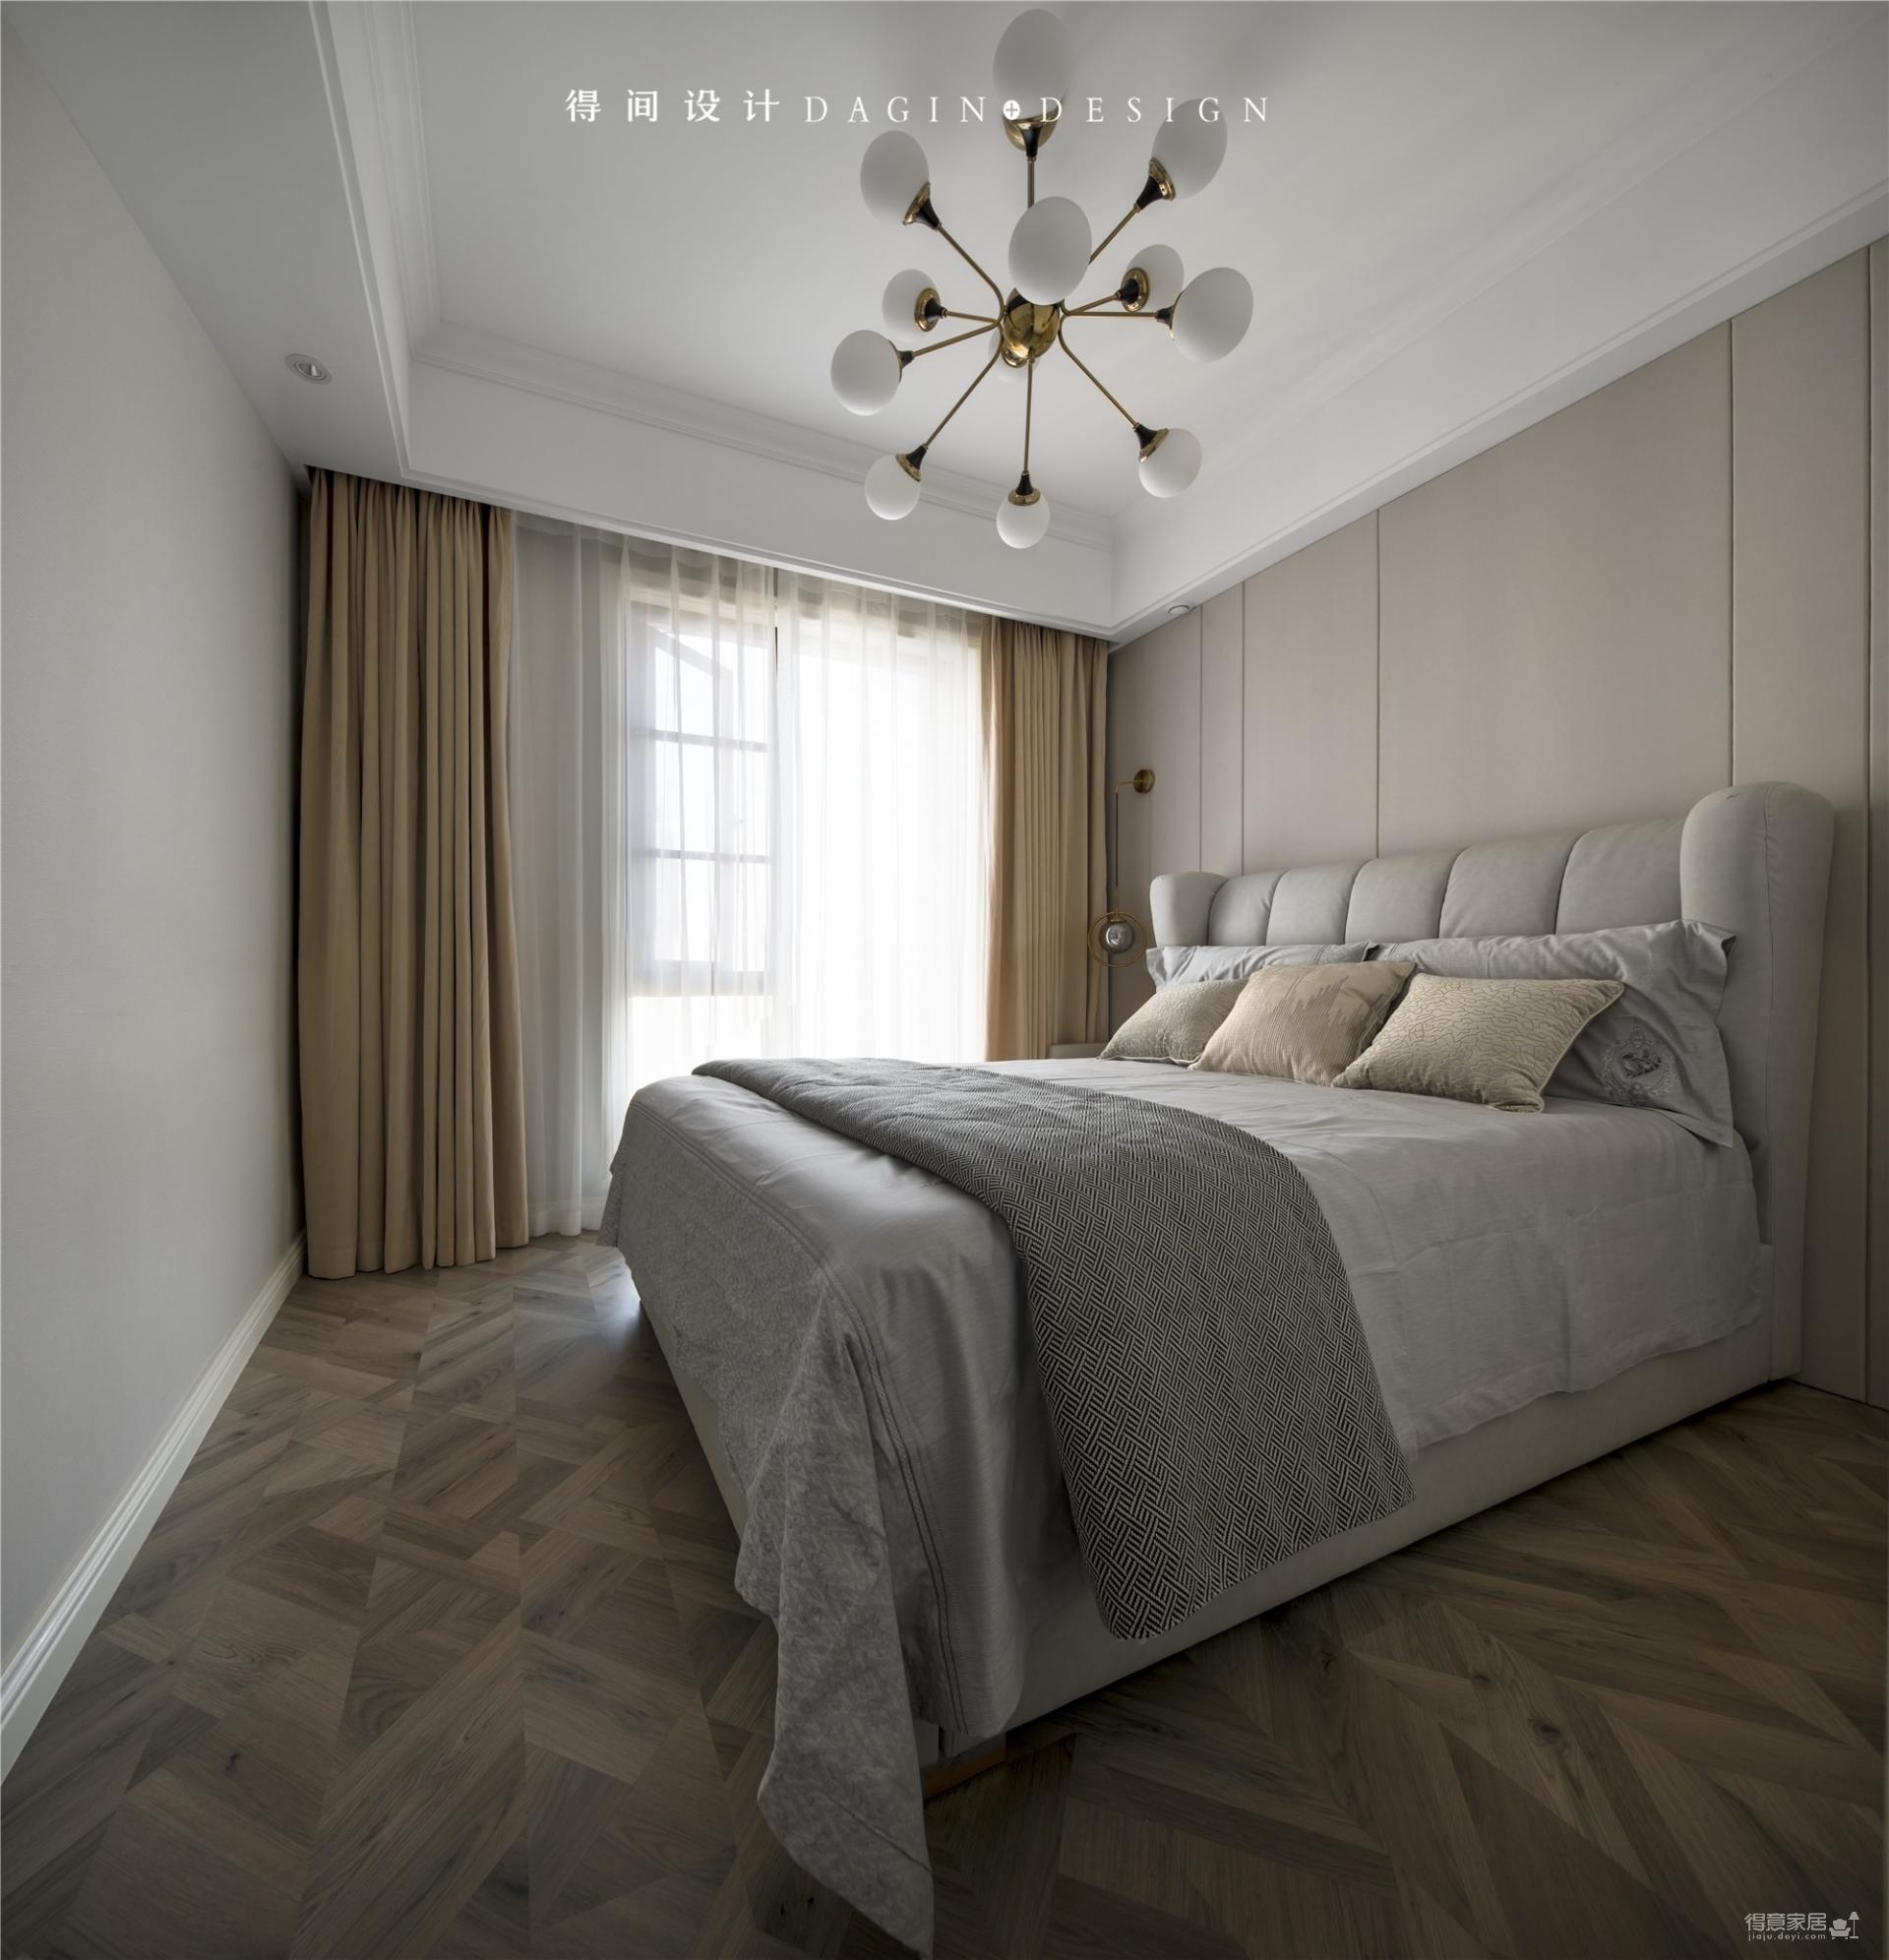 首发 || 这个家用壁炉电视墙,打造出撩人心弦的美式轻奢风!